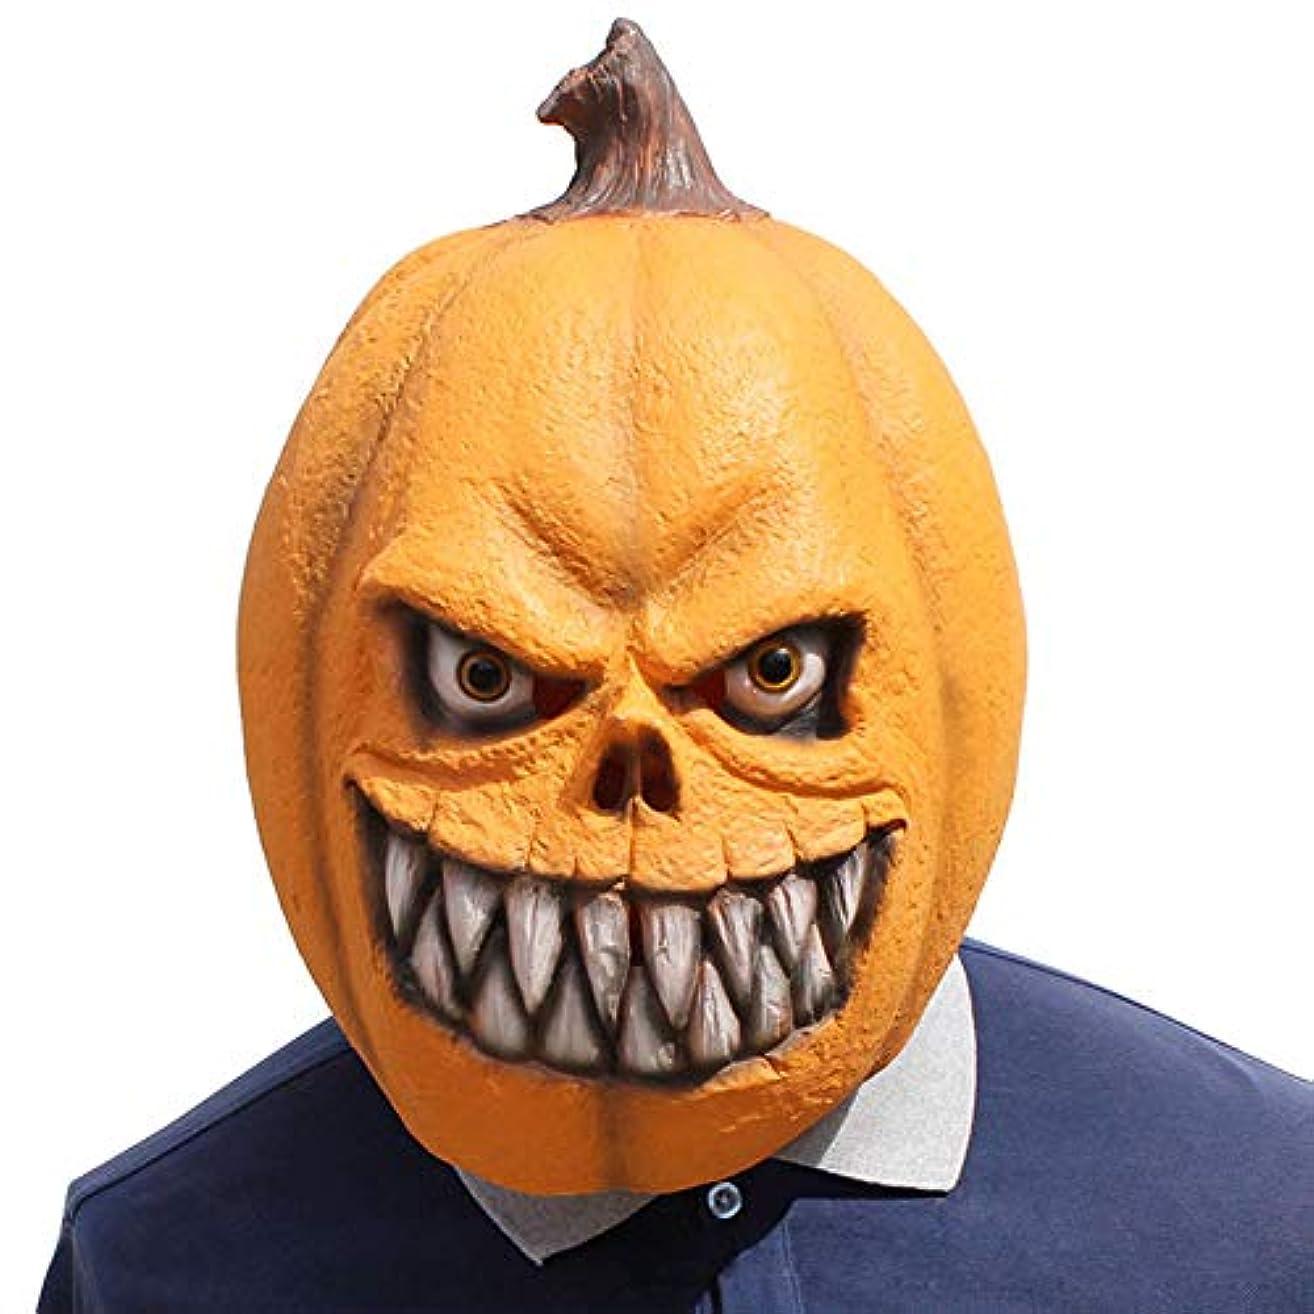 体魔法おもちゃハロウィーンマスク、カボチャラテックスマスク、ハロウィーン、テーマパーティー、カーニバル、レイブパーティーに適しています